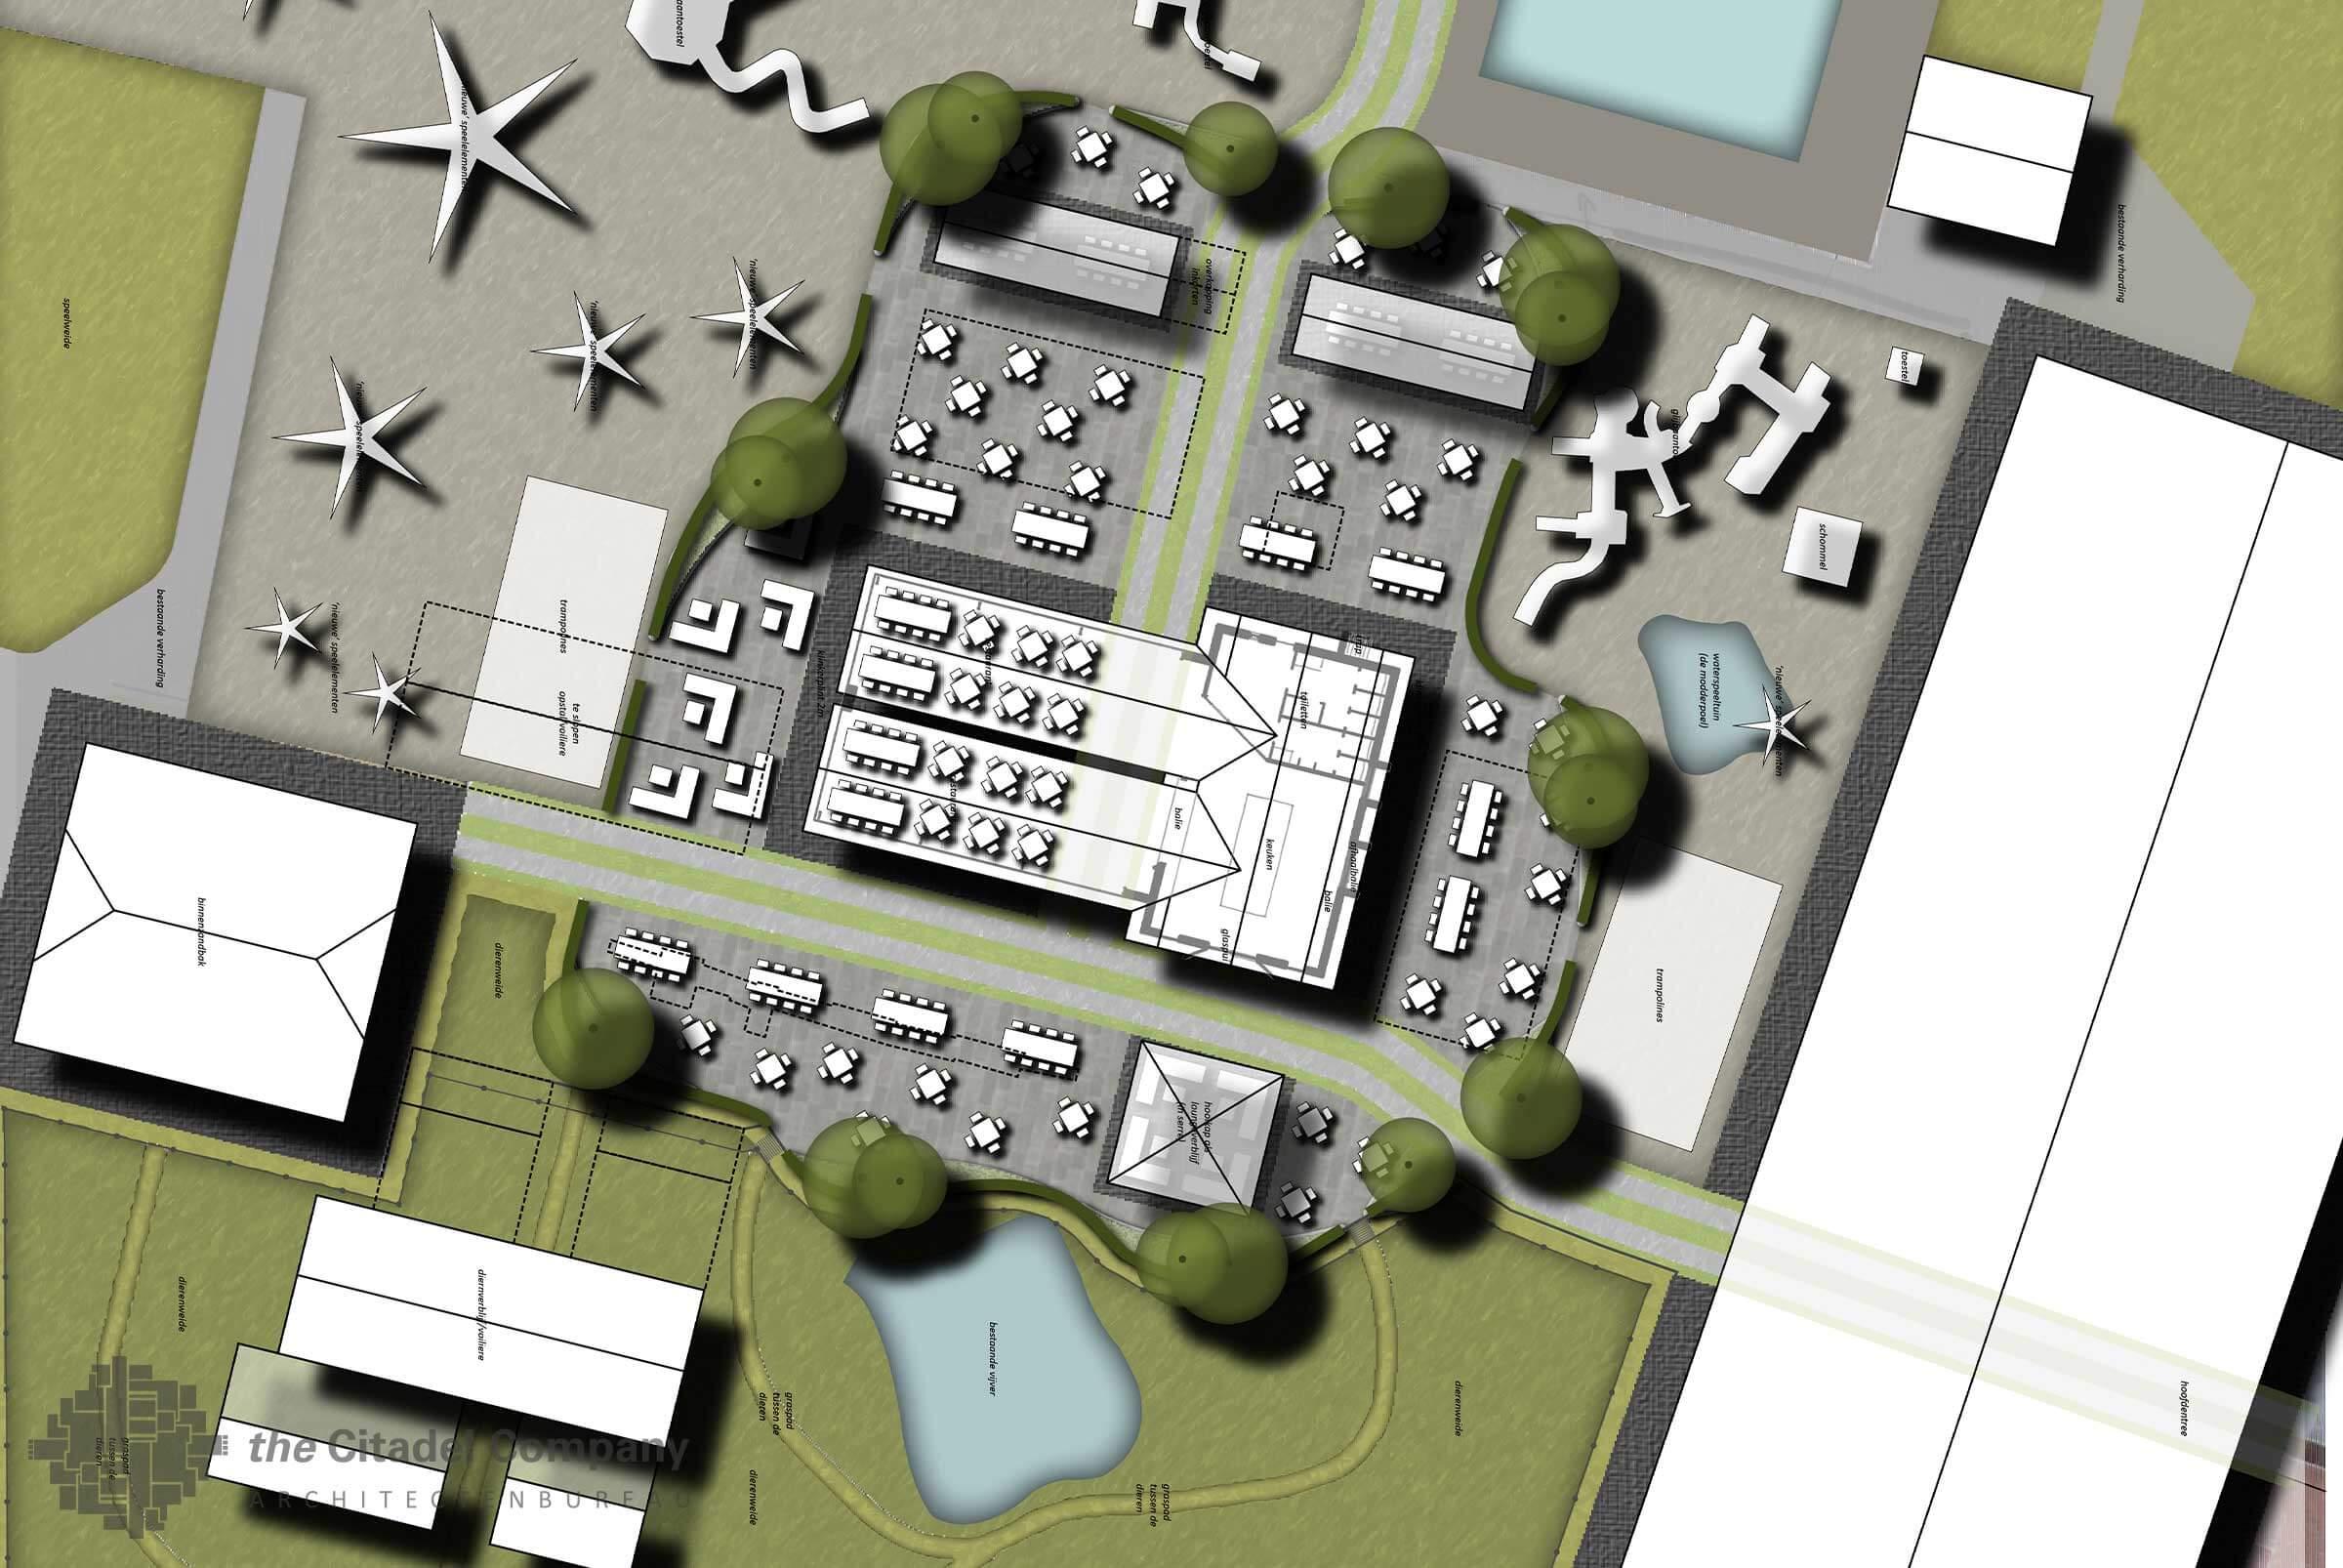 Terreininrichtingsplan de Flierefluiter, Raalte_Centrum